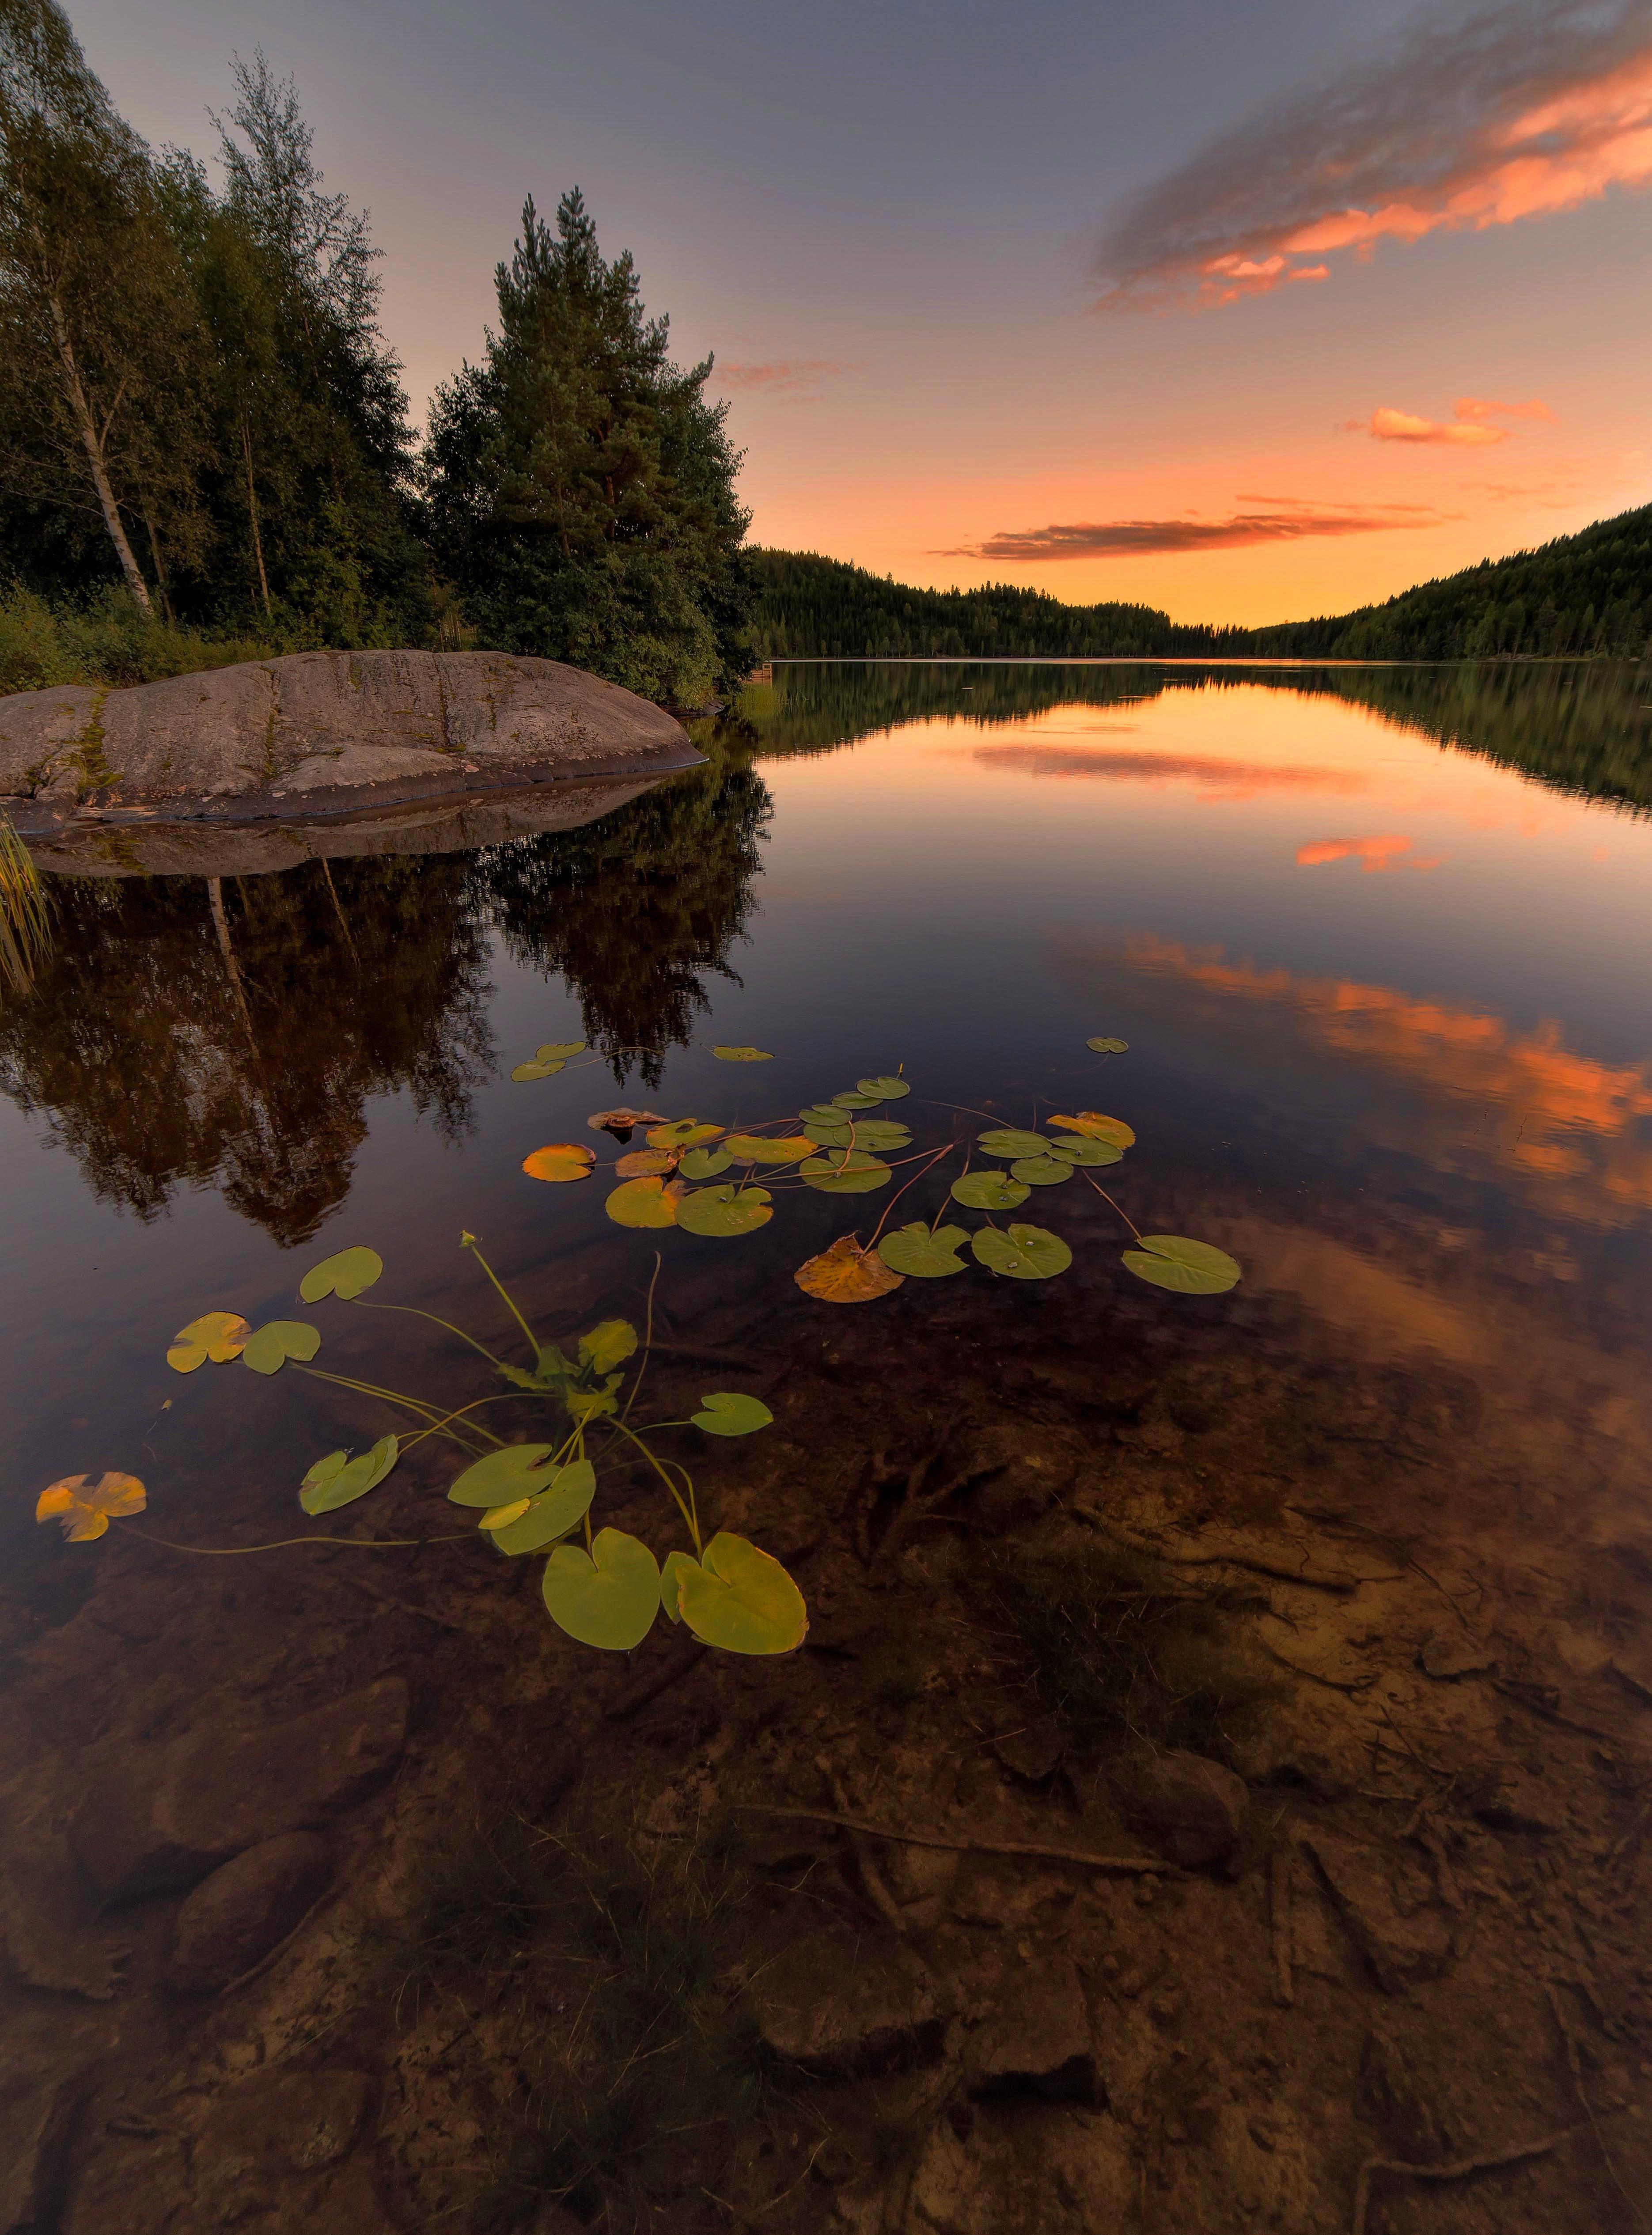 94420 скачать обои Растения, Природа, Деревья, Закат, Камни, Озеро, Ель - заставки и картинки бесплатно